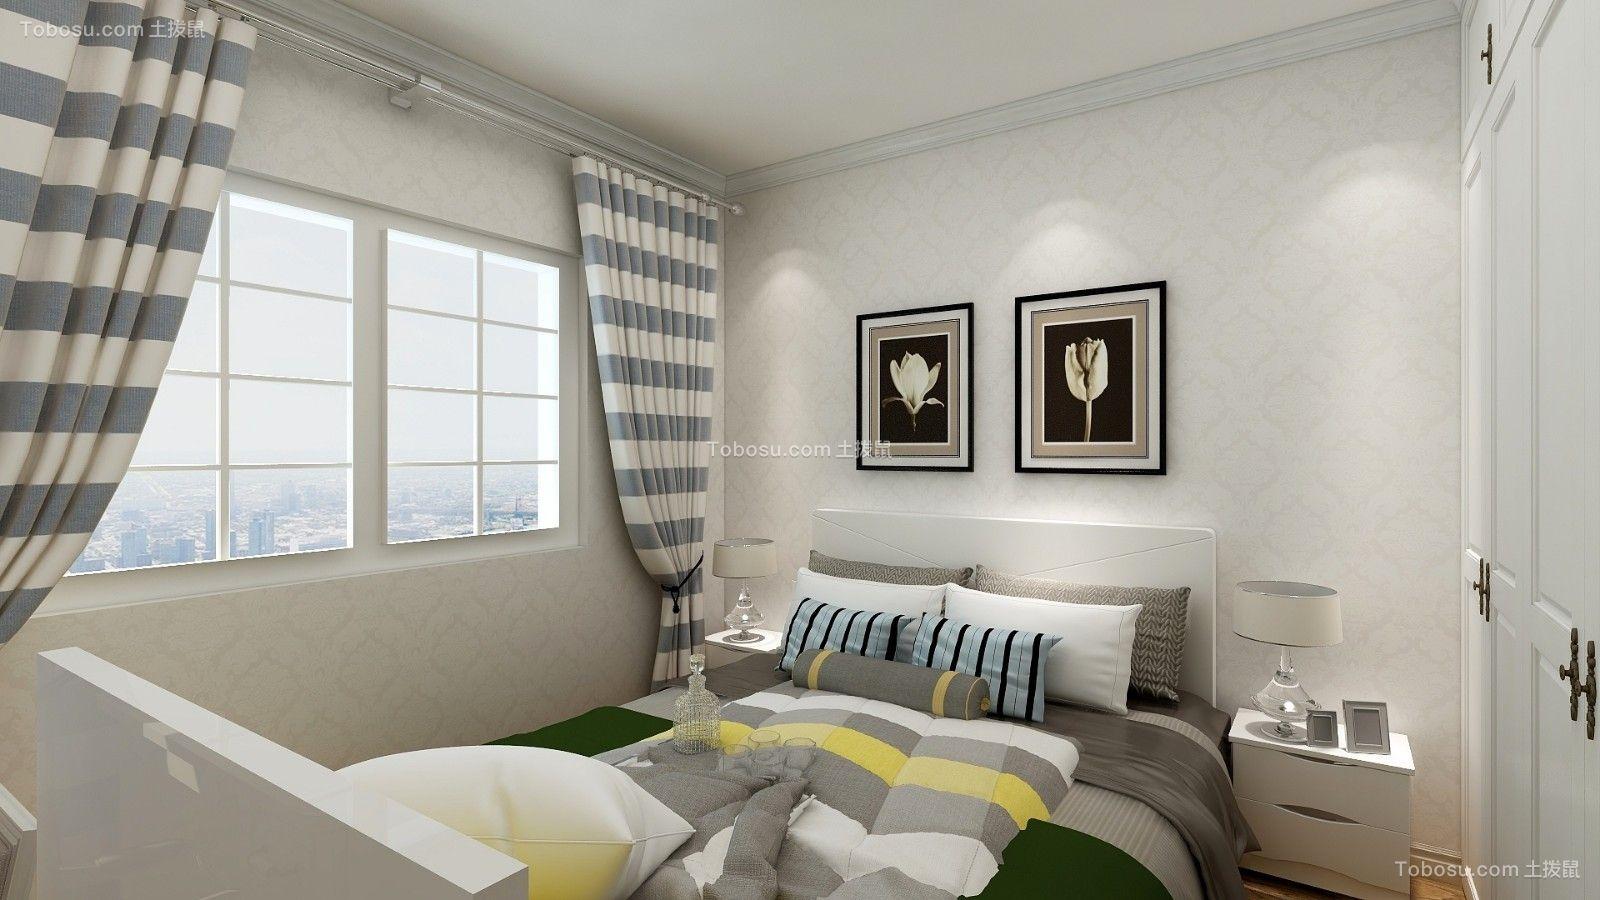 精美绝伦白色床装饰实景图